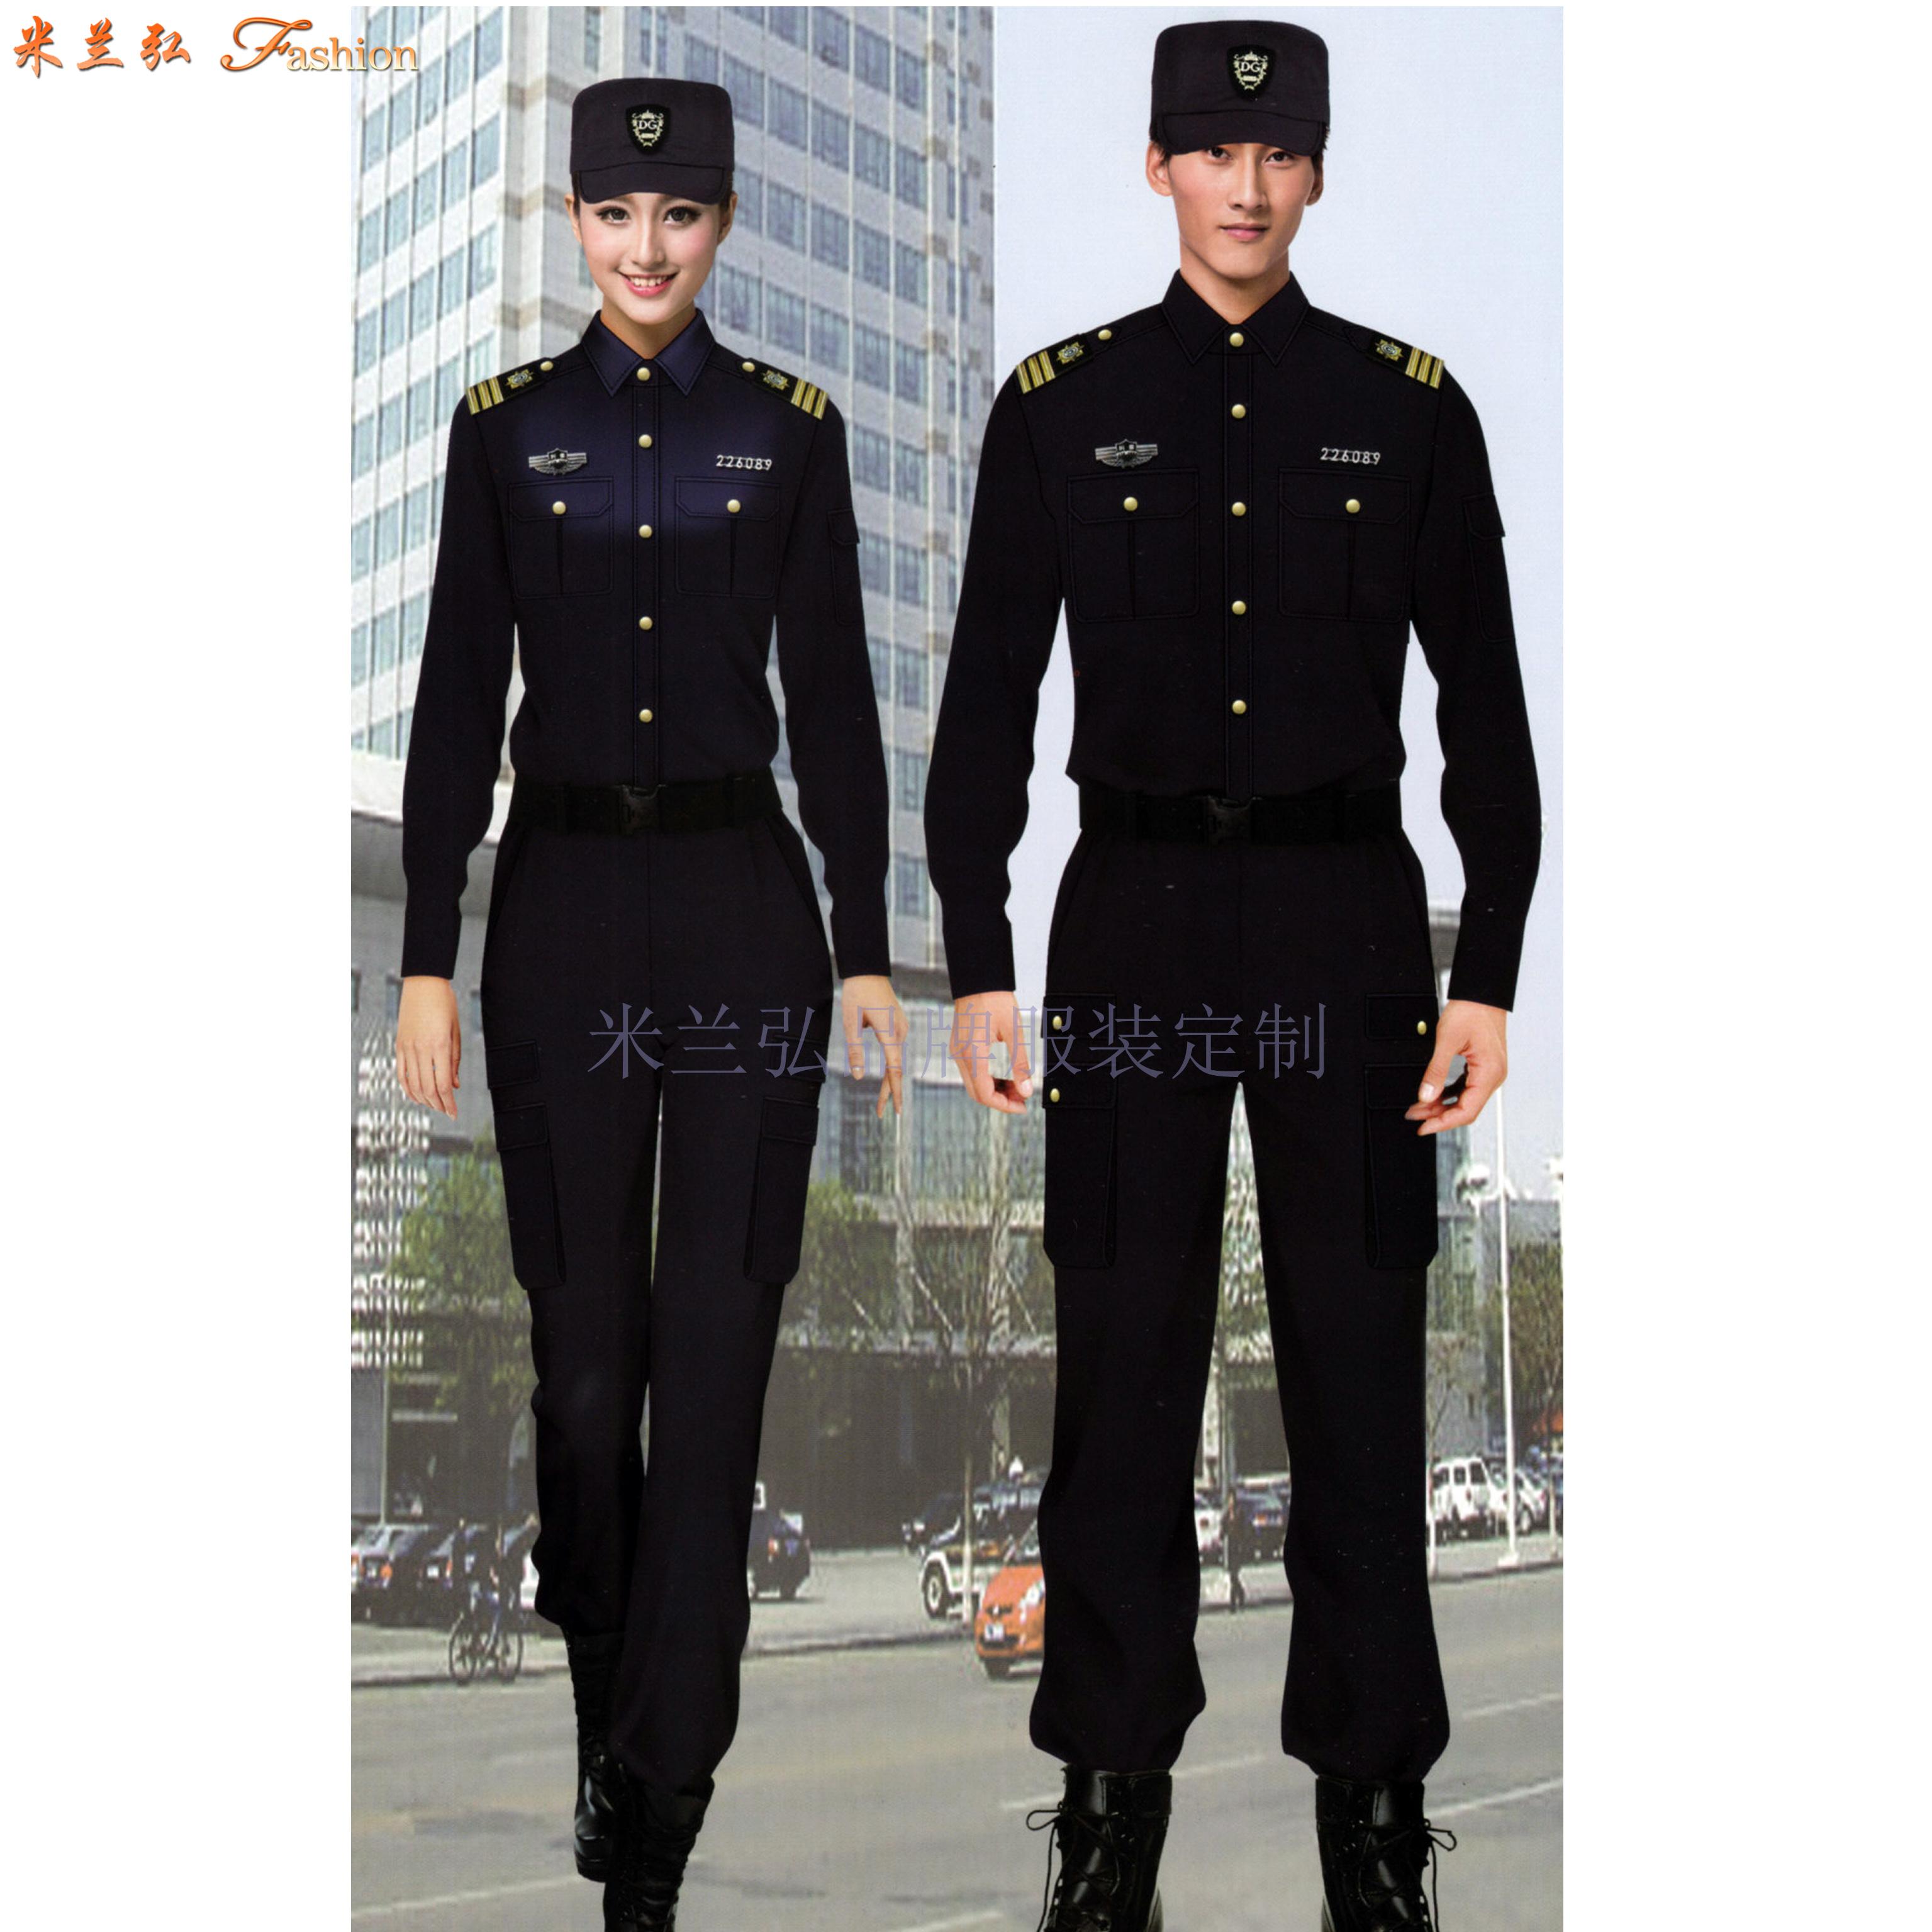 「北京安检服订做」「地铁安检服定作」「城轨安检服定制」👍-2